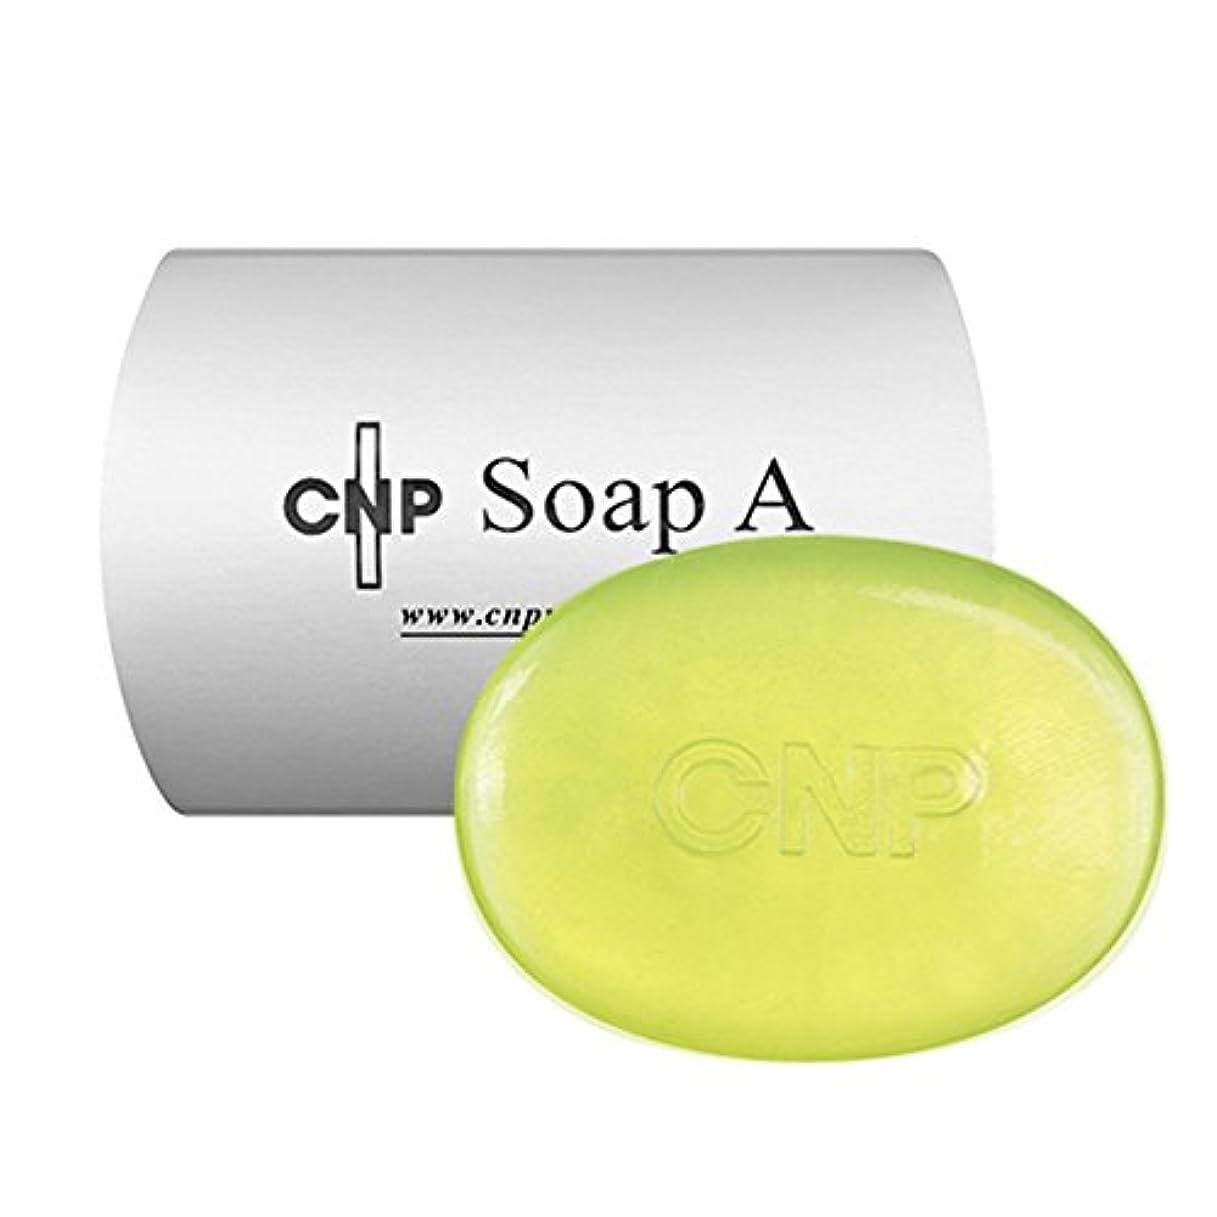 学習者藤色差別化するCNP Soap A チャアンドパク ソープ A [並行輸入品]